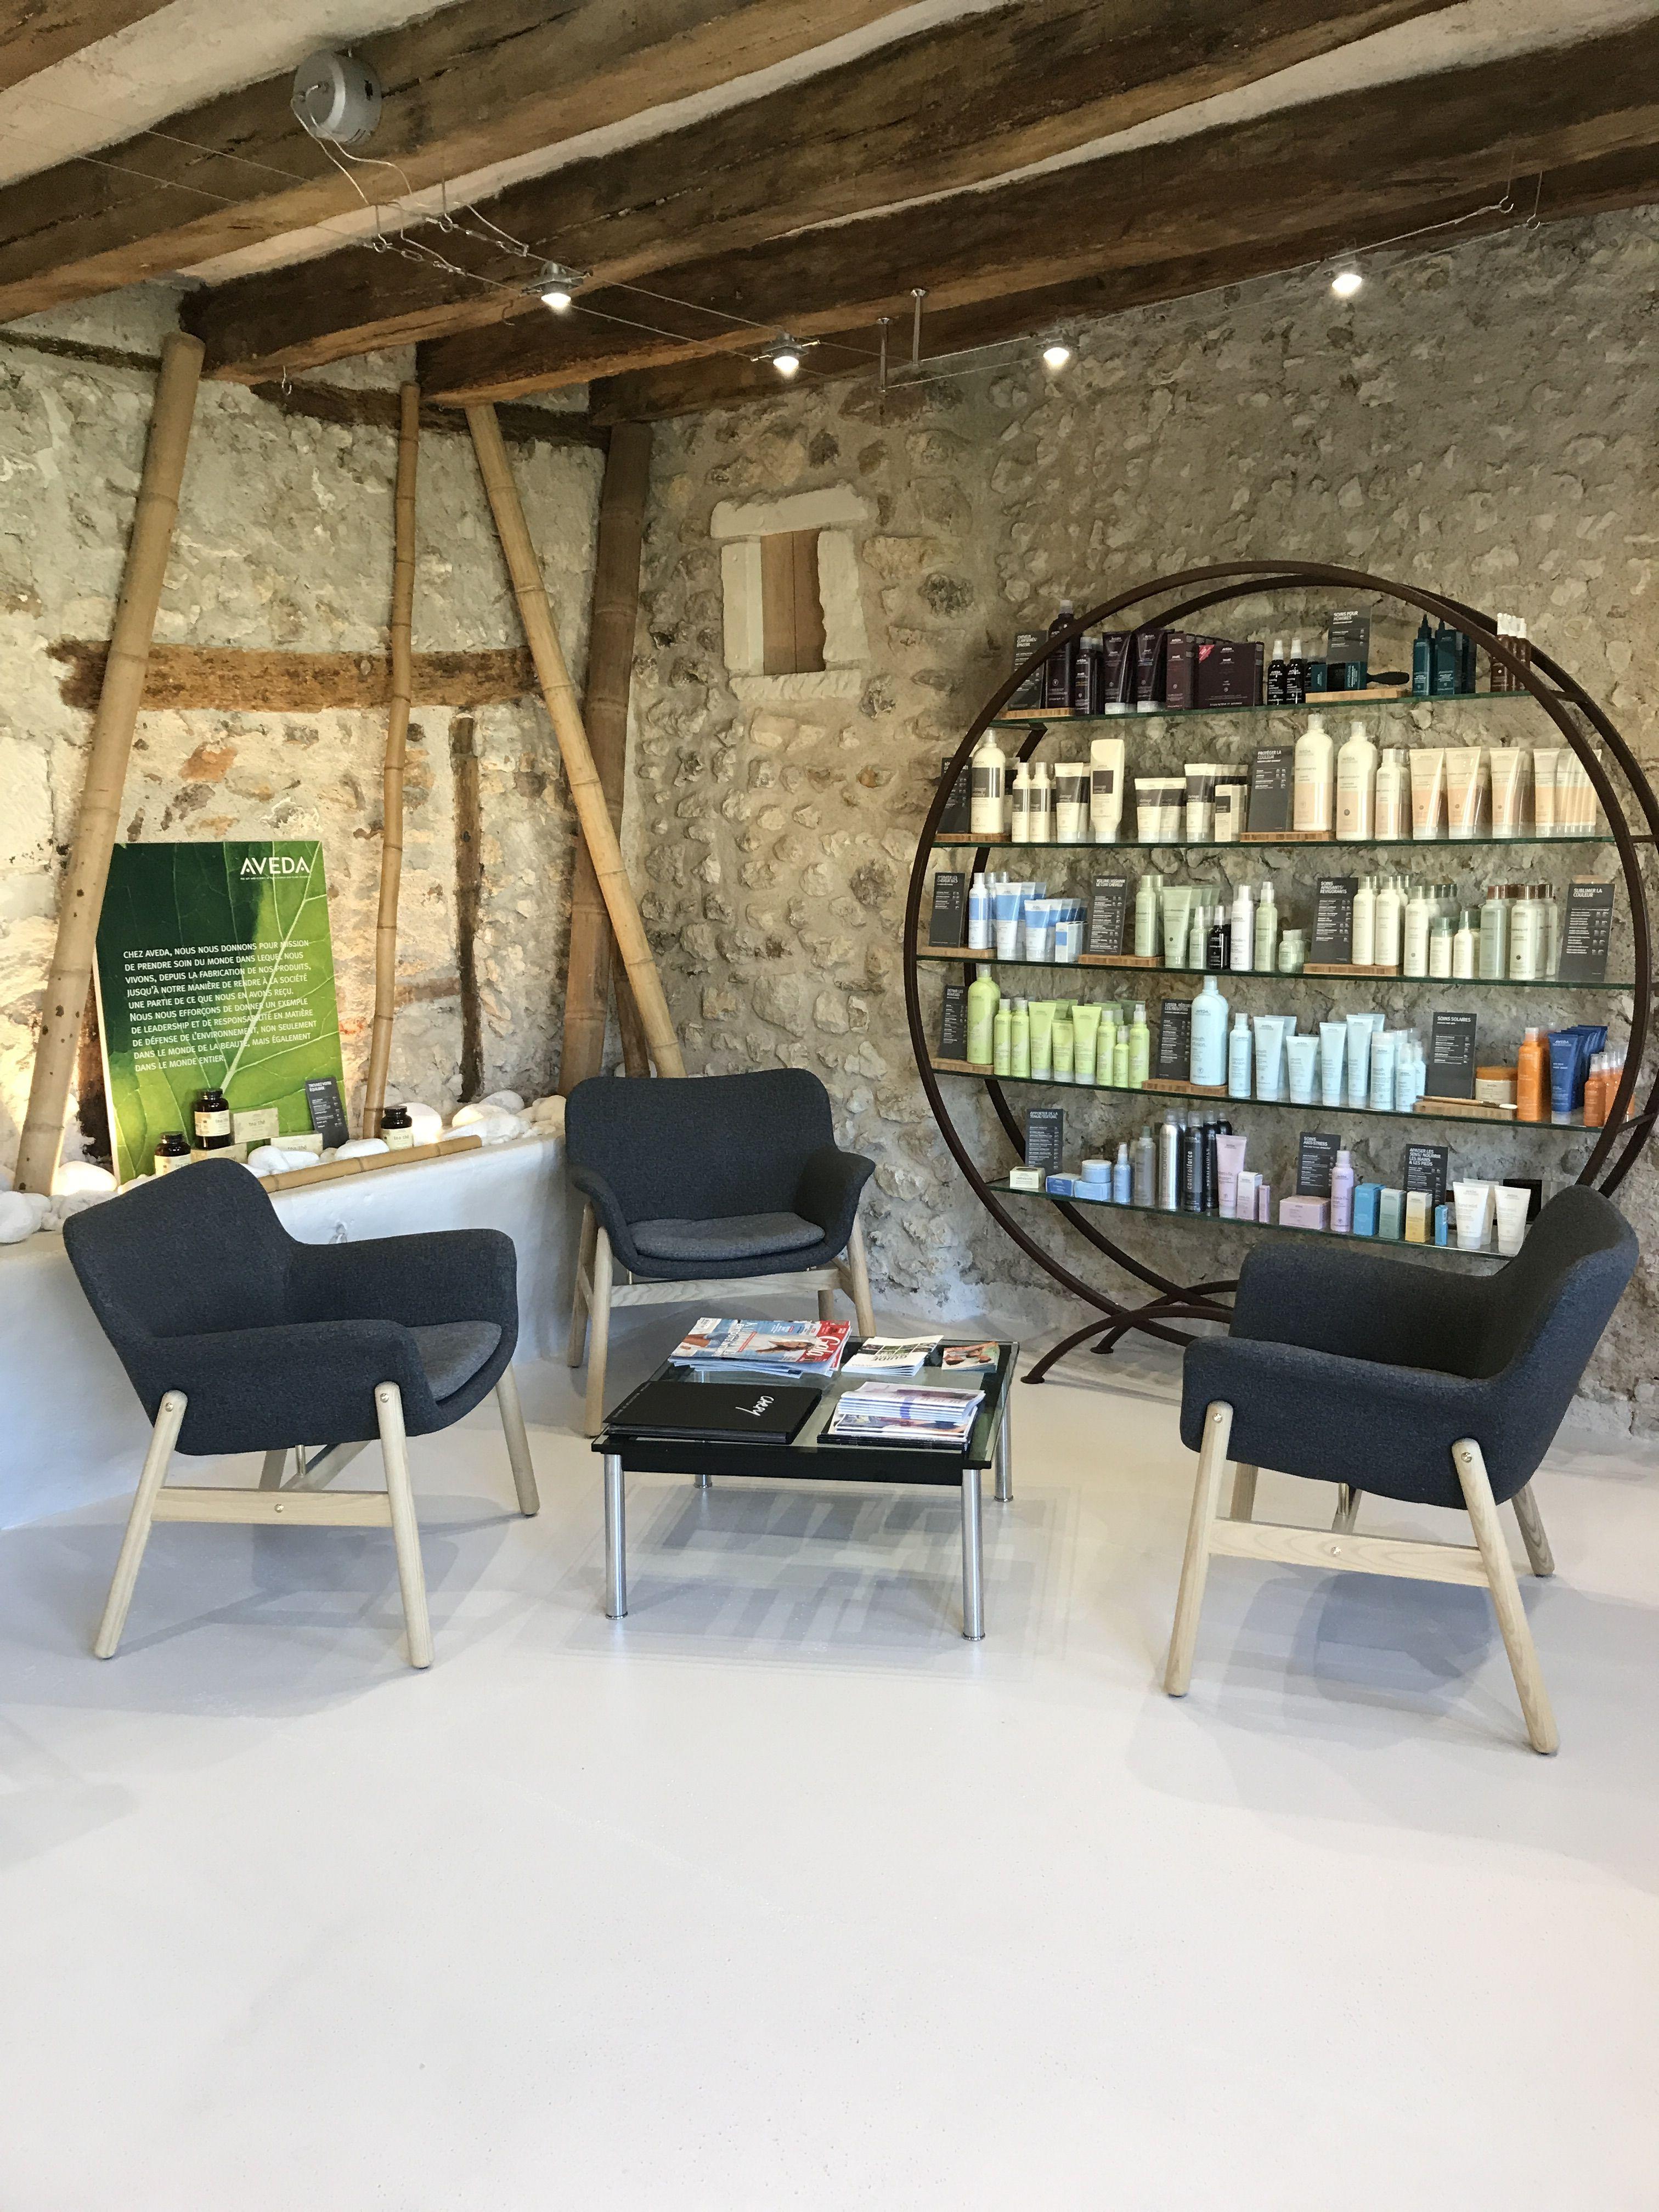 Salon de coiffure Tours20/France (avec images)  Salon de coiffure